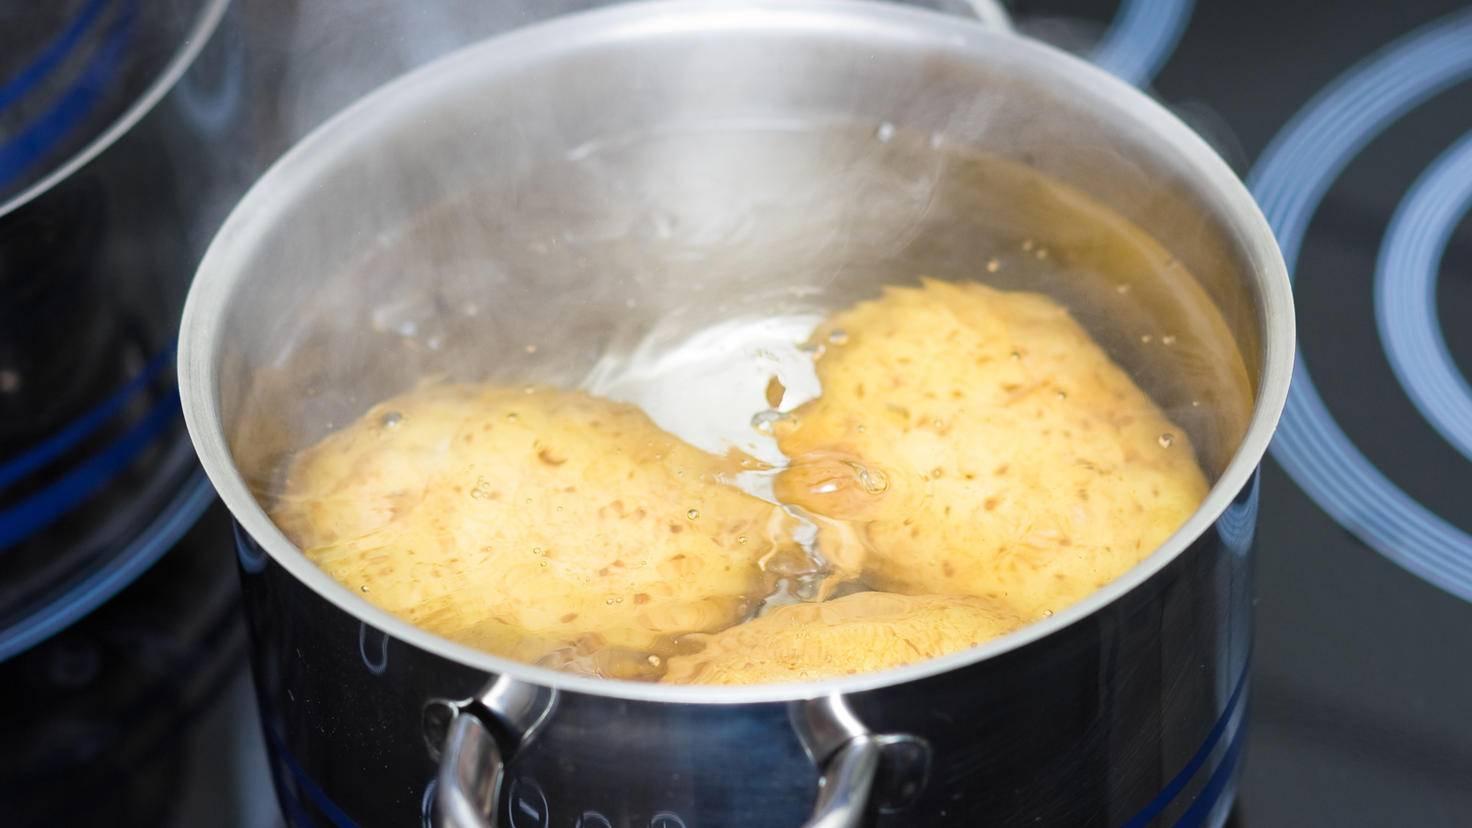 Leicht mit Wasser bedeckt – so kochen Kartoffeln am besten.